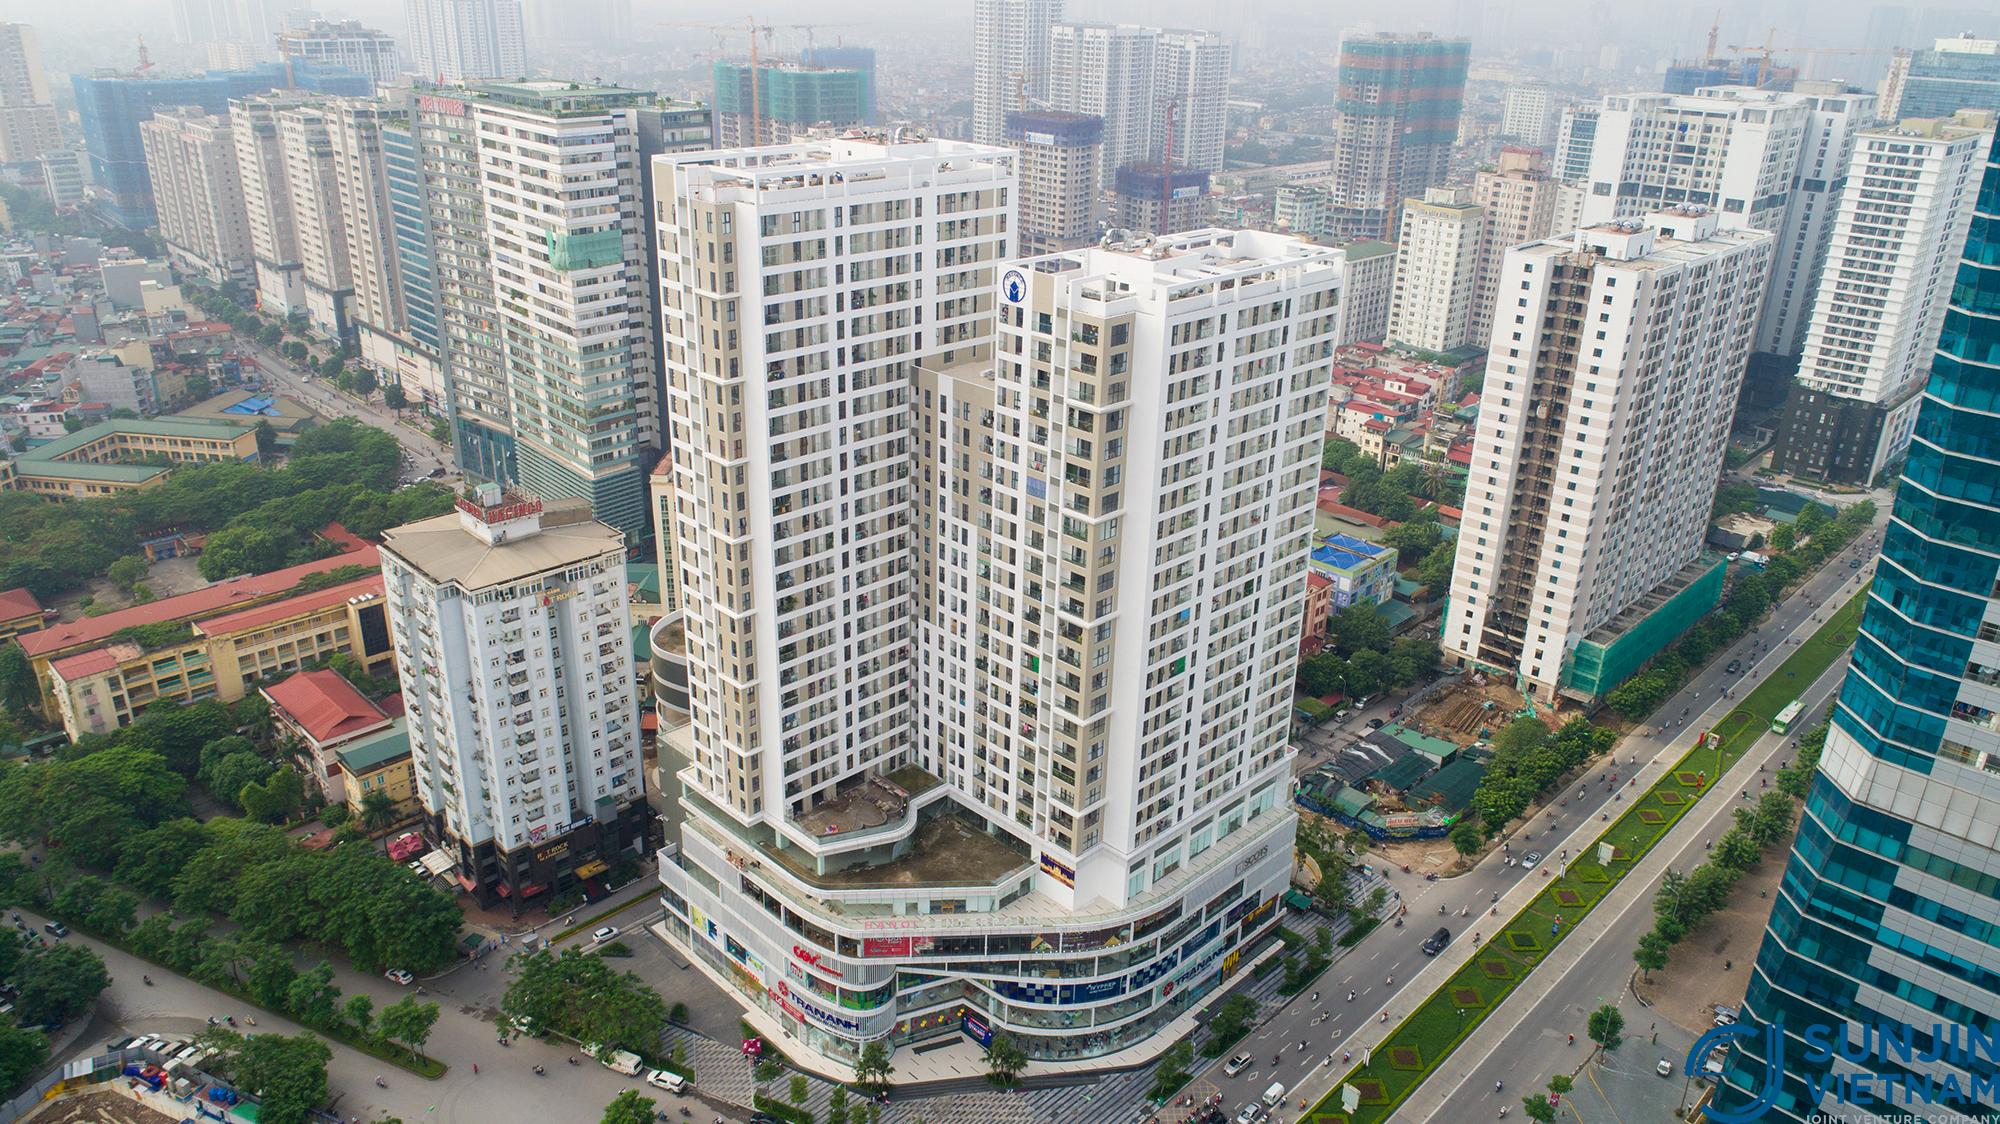 Hà Nội Center Point (Hà Nội)